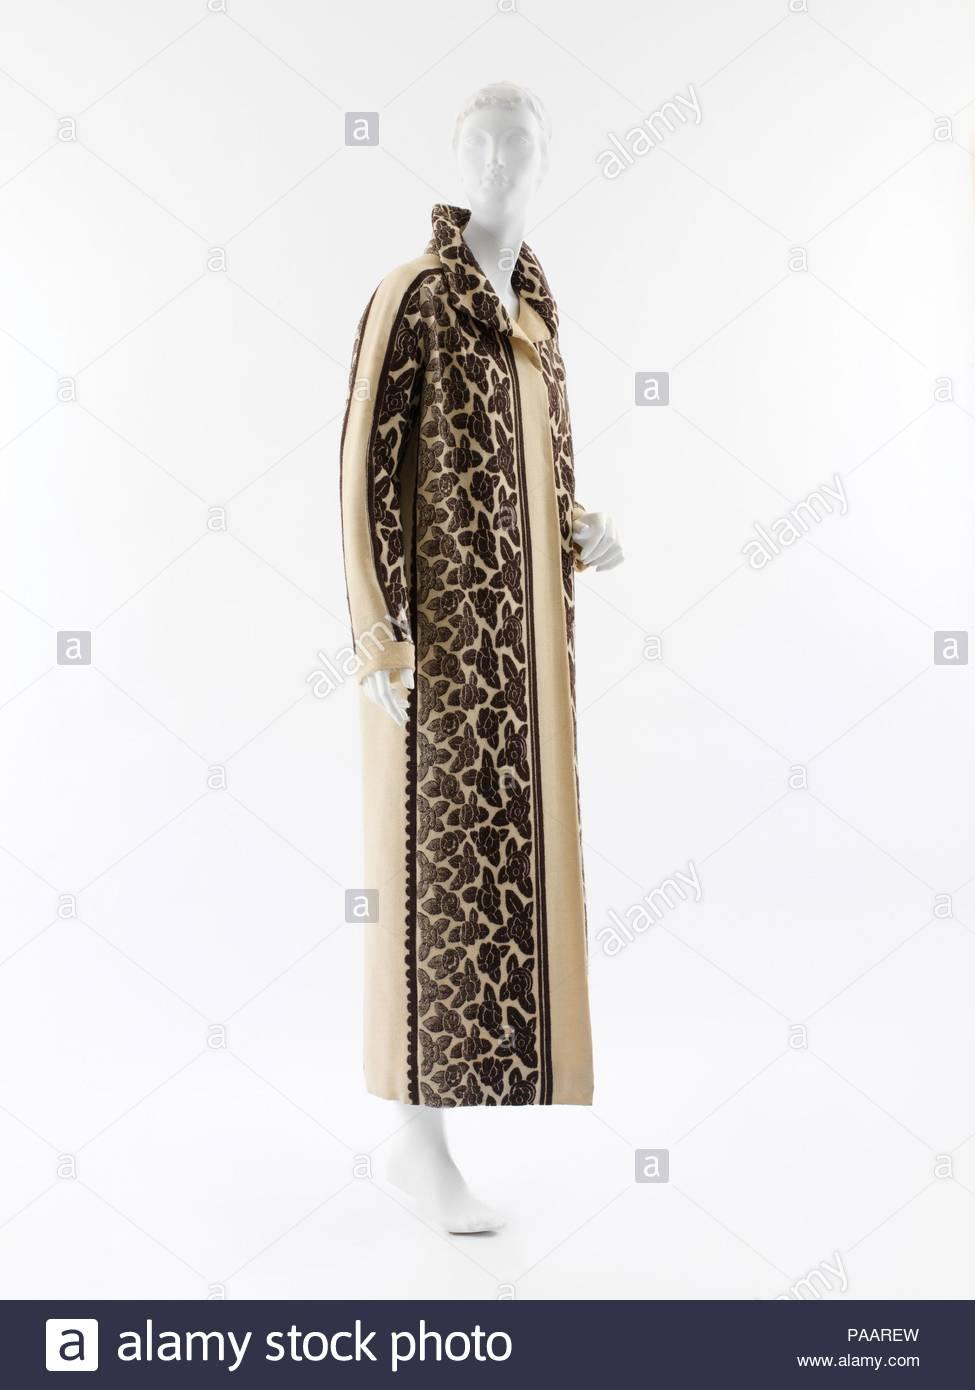 Cappotto. Cultura: francese. Progettista: Paul Poiret (francese, Parigi Parigi 1879-1944). Data: 1923. Una complessa strutturazione di due diversi ma correlati tessili sottolinea le linee dritte di questo cappotto. Poiret la firma di rose è tessuto in due ampie, debolmente ombré lunghezze in esecuzione preceduta da strette strisce di impareggiabile. Il disegno effettivo di questo tessuto è evidenziato solo dalla incorporazione di i confini esterni del modello per formare il vestito di manicotti. Un altro tessuto, di affrontare smerlata strisce, è inserito in corrispondenza di entrambi i lati del rivestimento. La banda stretta bracciali sono nella stessa pianura, vagamente w Immagini Stock